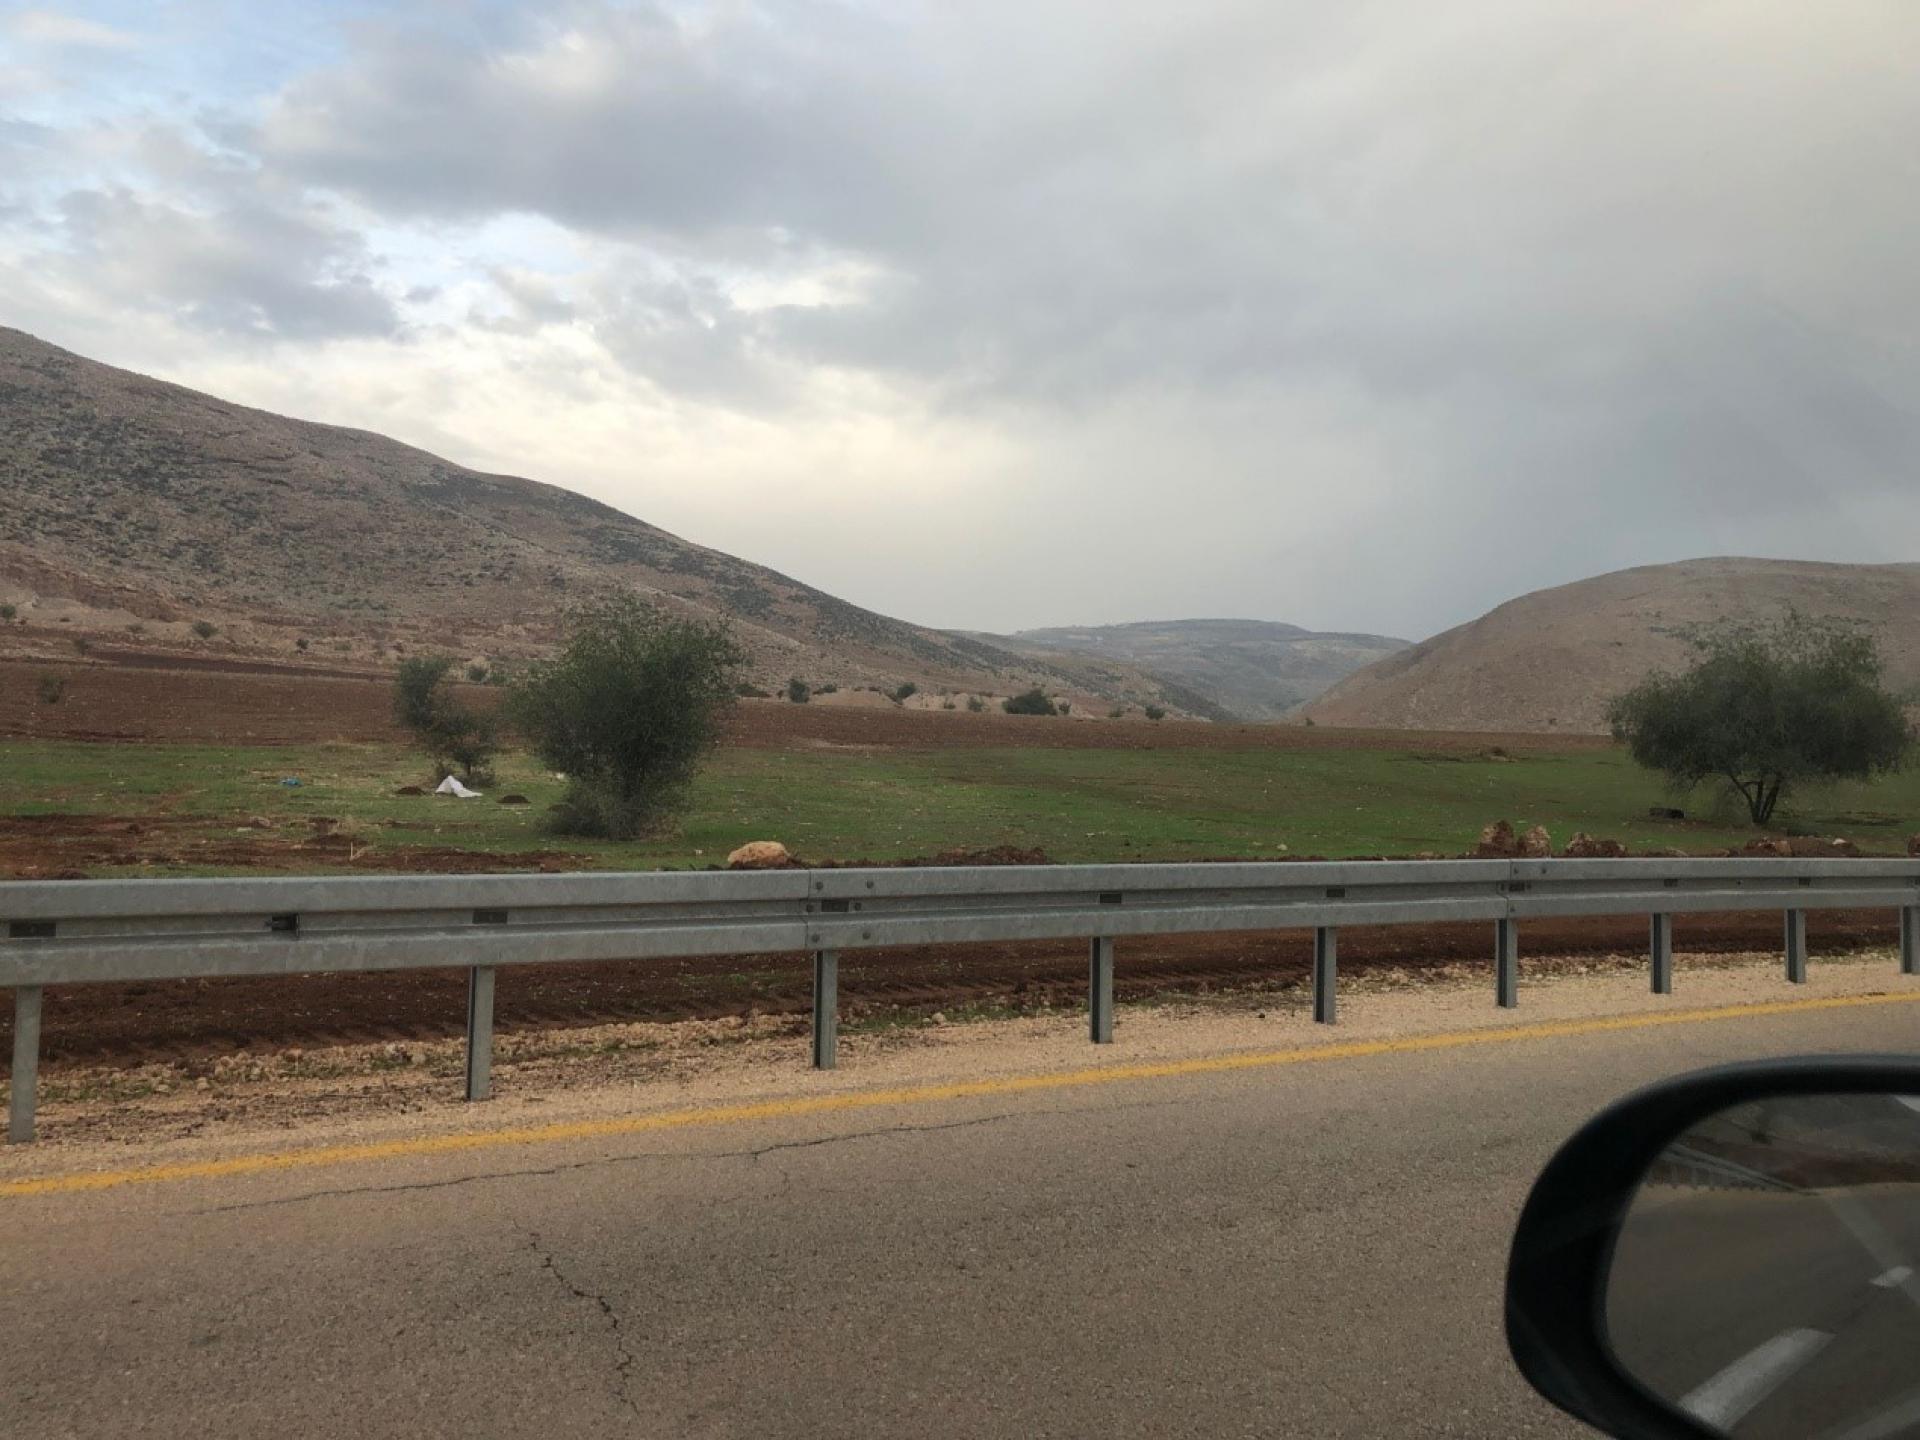 בקעת הירדן - יום גשום לפרקים, ההרים החלו להוריק, אפשר לצאת עם הצאן למרעה